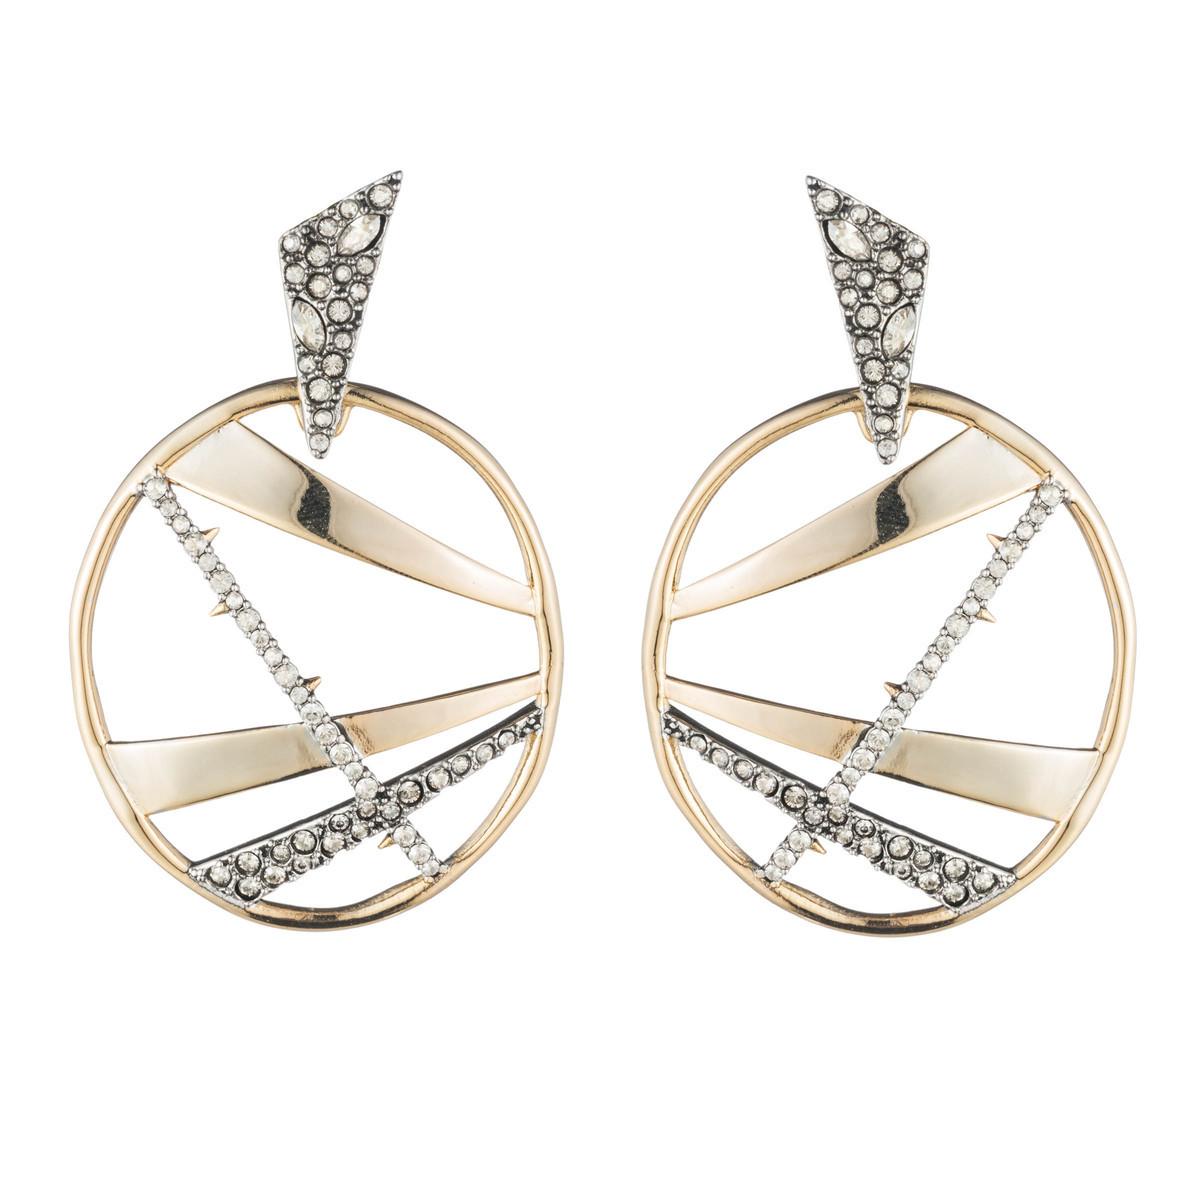 Crystal Encrusted Plaid Dangling Earring